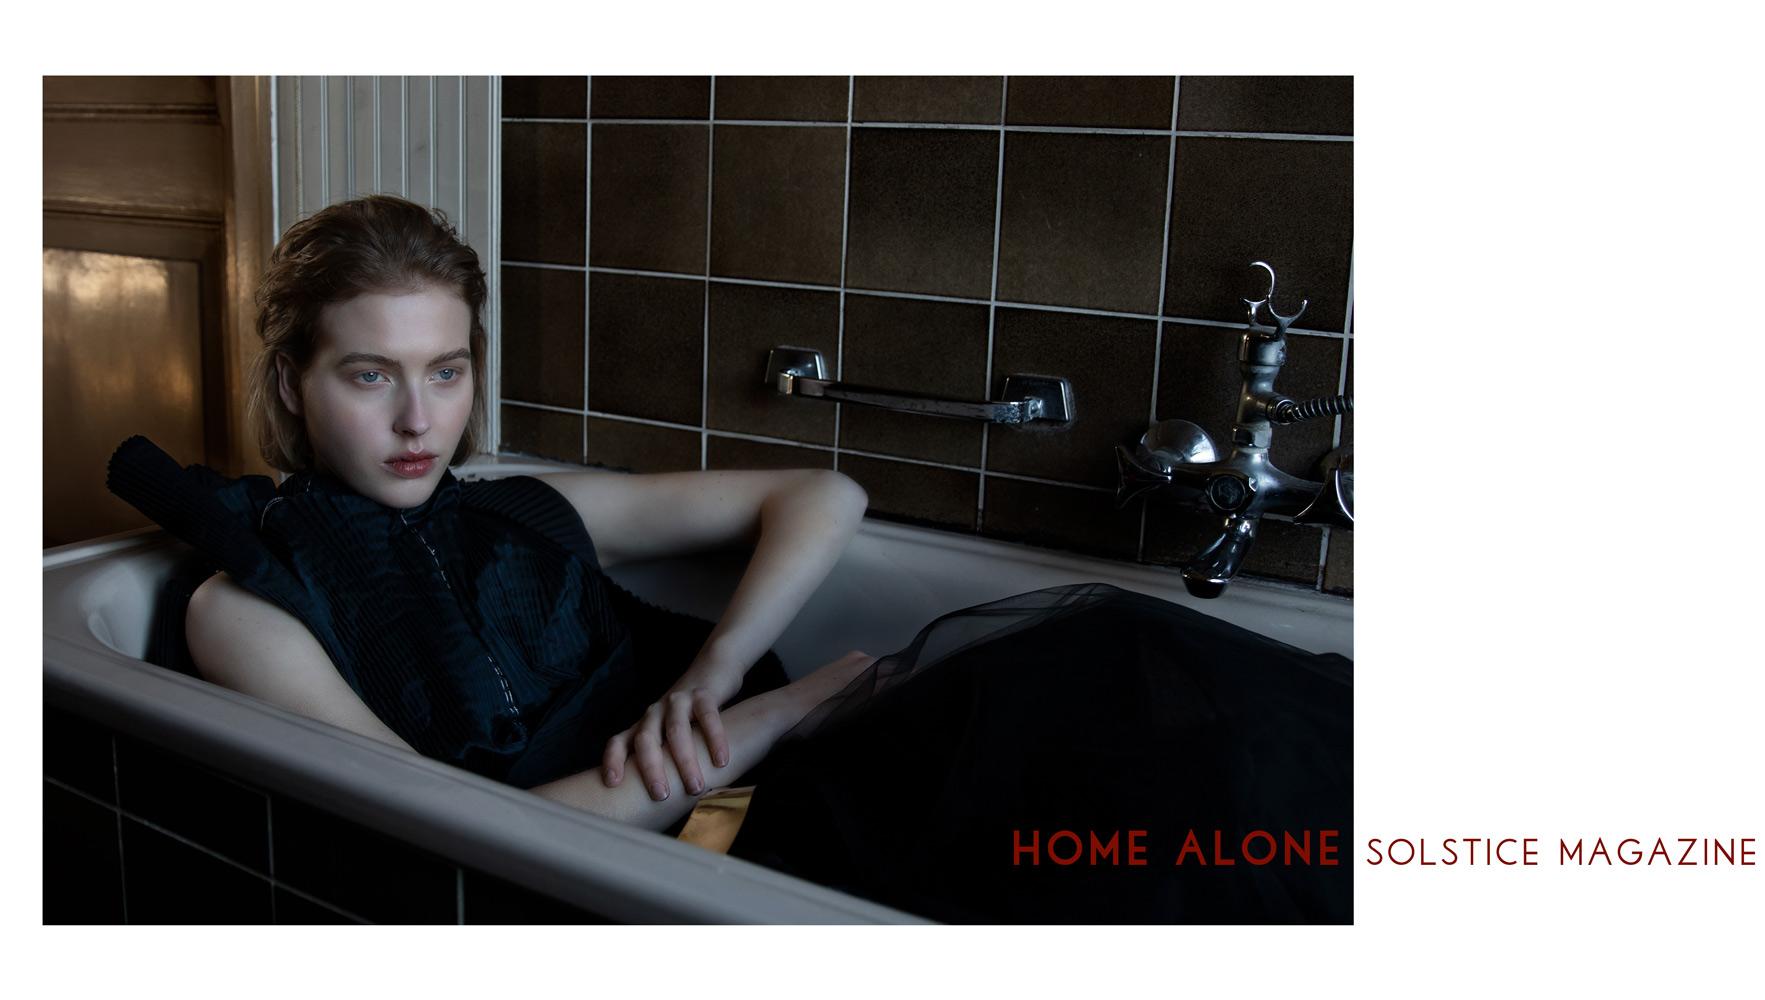 Home Alone – Solstice Magazine